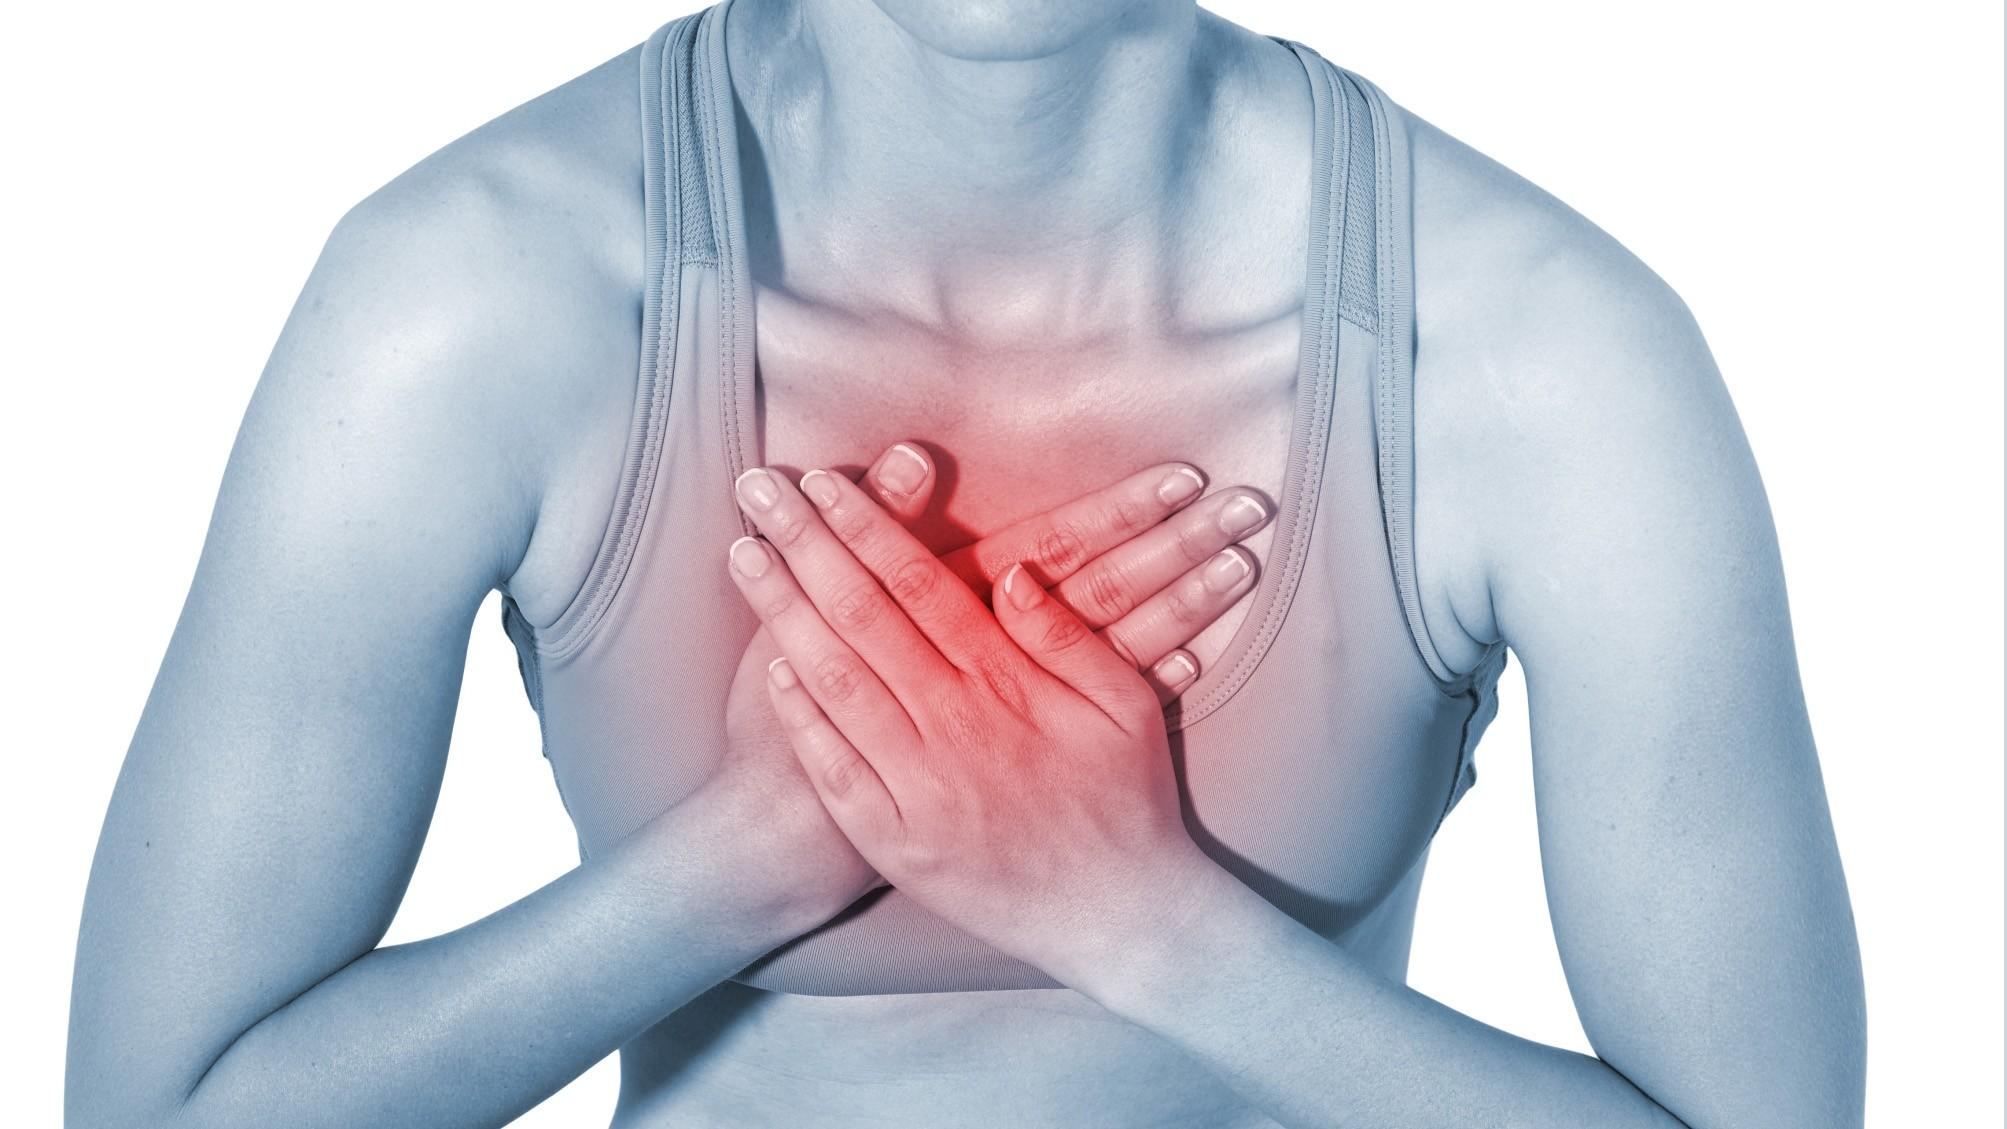 боль между лопатками рис3 - инфаркт